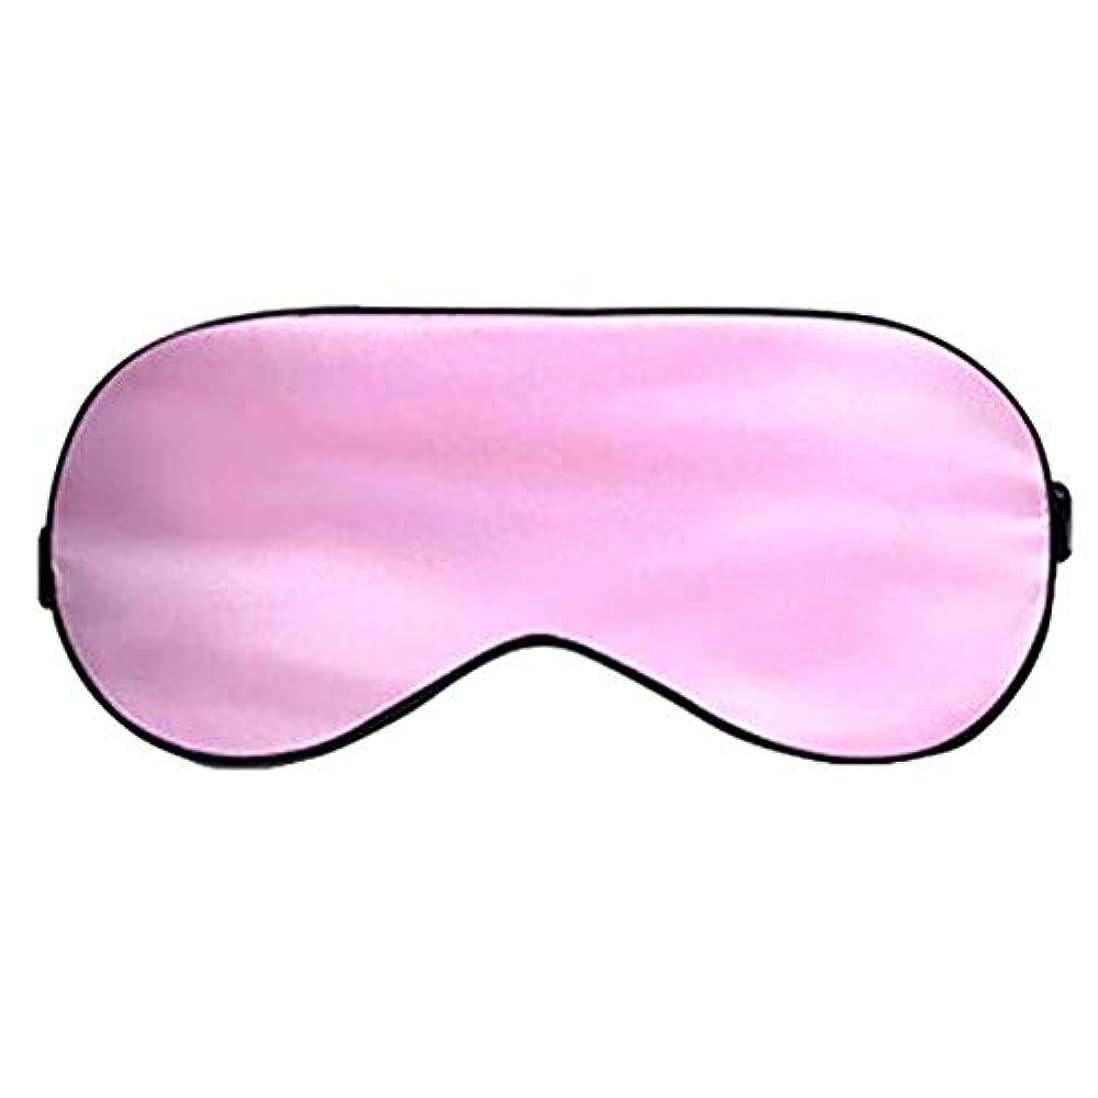 置き場ドライバ国旗ピンクシルク睡眠アイシェッド睡眠アイマスク睡眠用調節可能なストラップ